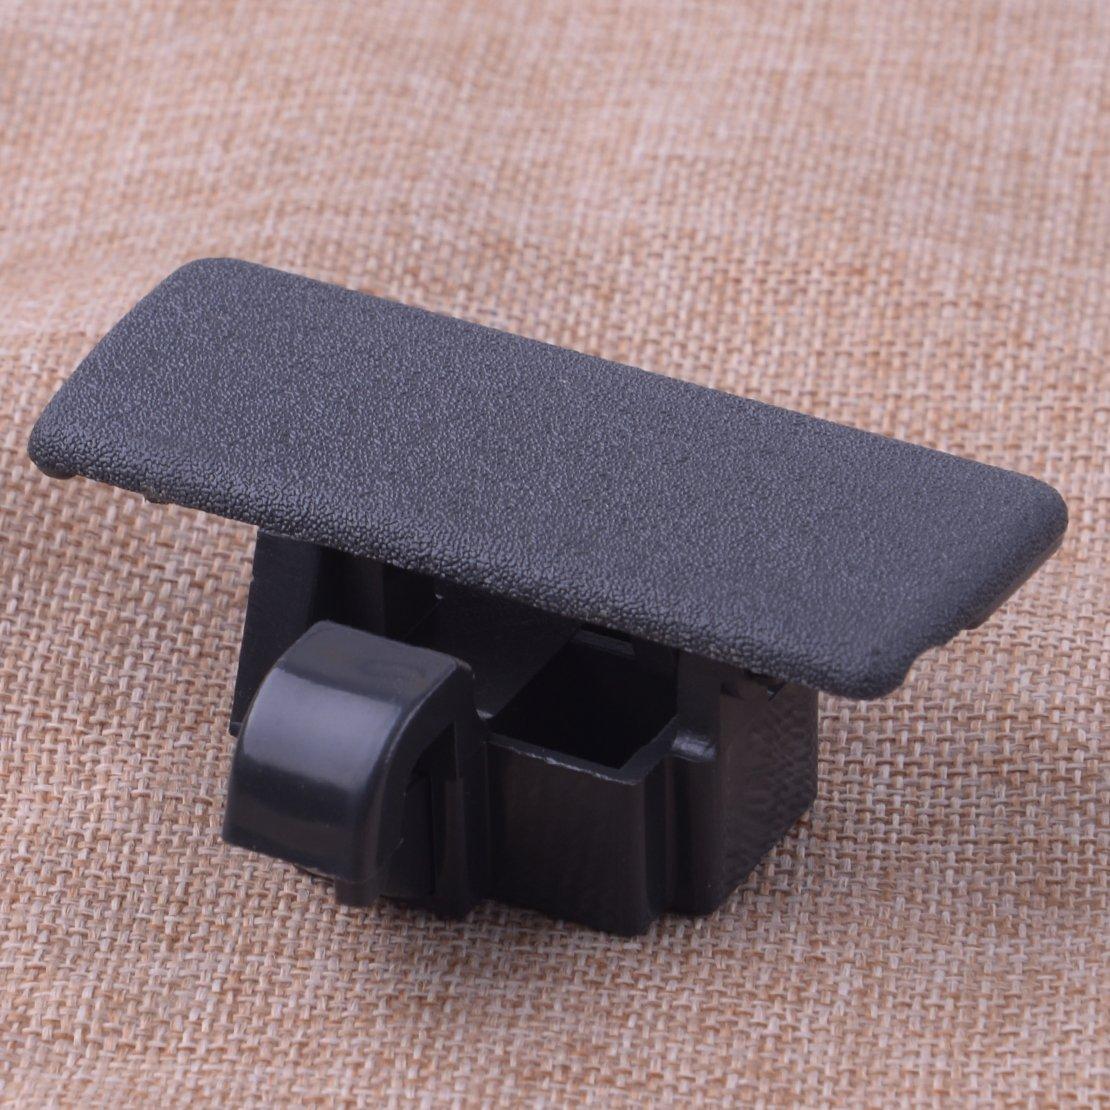 CITALL Noir voiture stockage int/érieur bo/îte /à gants compartiment couvercle couvercle de verrouillage r/églage